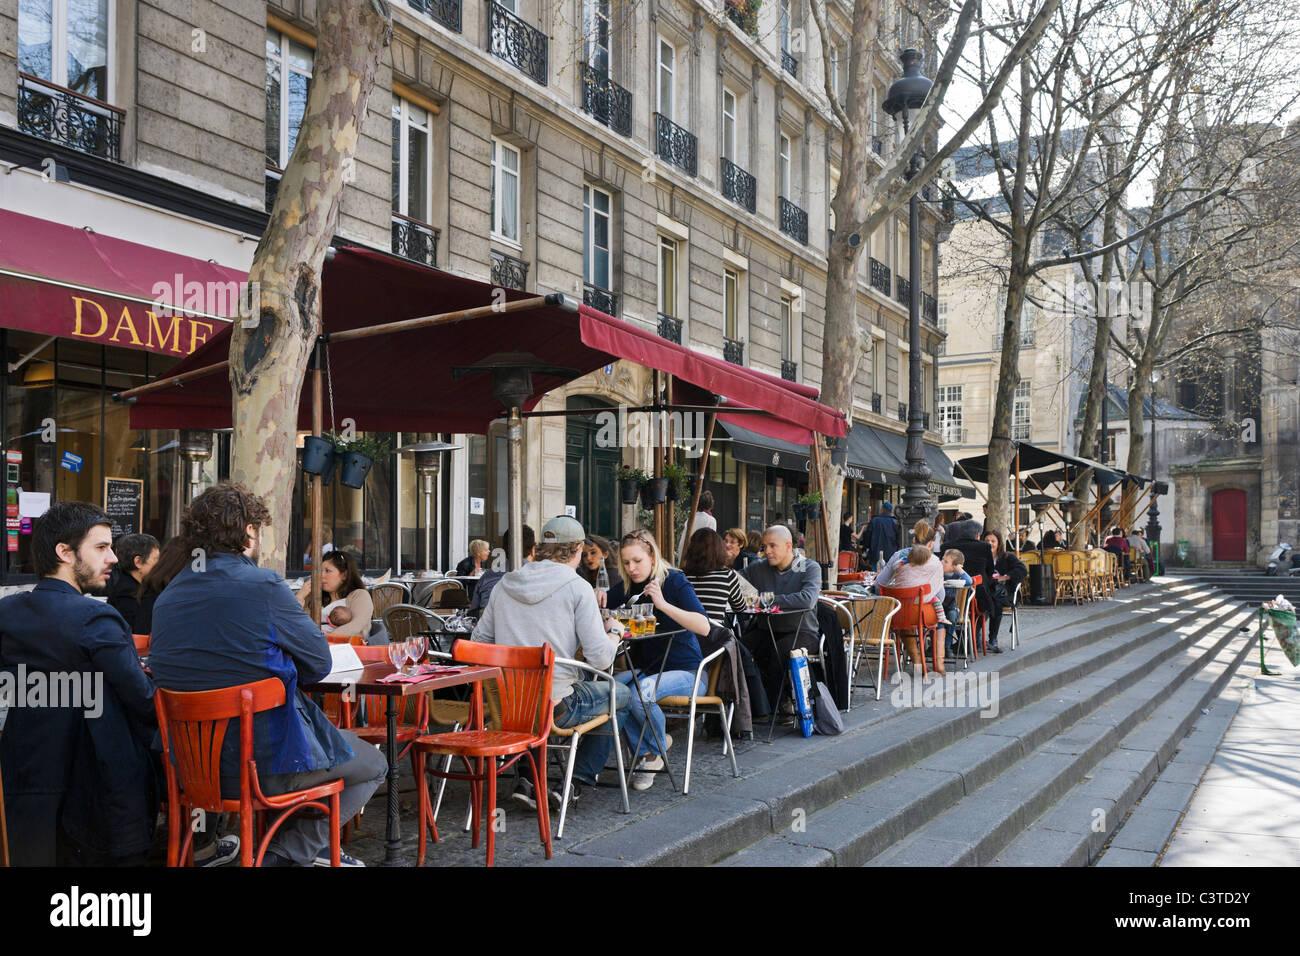 Cafe de la chaussée en place Igor Stravinsky à l'extérieur du Centre Pompidou, quartier de Beaubourg, Photo Stock